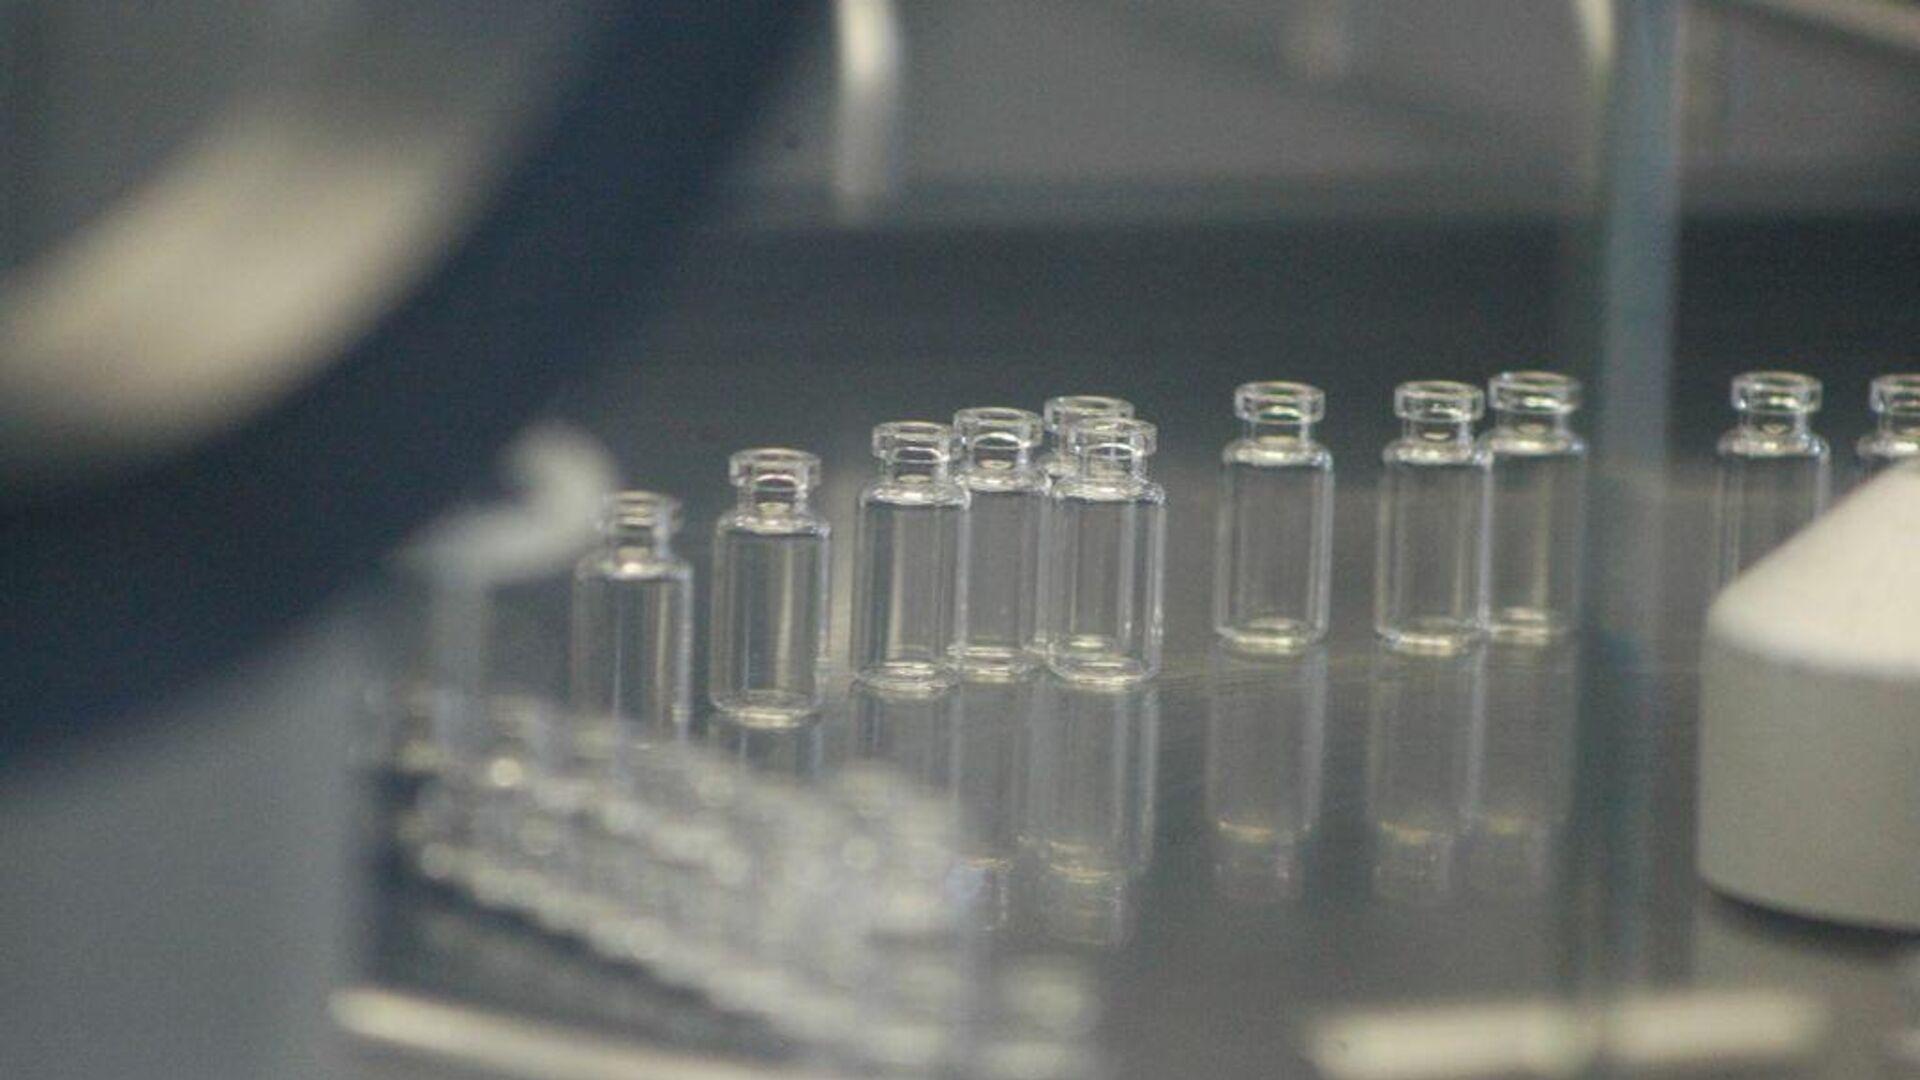 Las autoridades sanitarias del Gobierno de México, a través del estatal Laboratorios de Biológicos y Reactivos de México (Birmex), comenzaron la prueba piloto de envasado de la vacuna rusa Sputnik V contra el nuevo coronavirus. - Sputnik Mundo, 1920, 06.07.2021